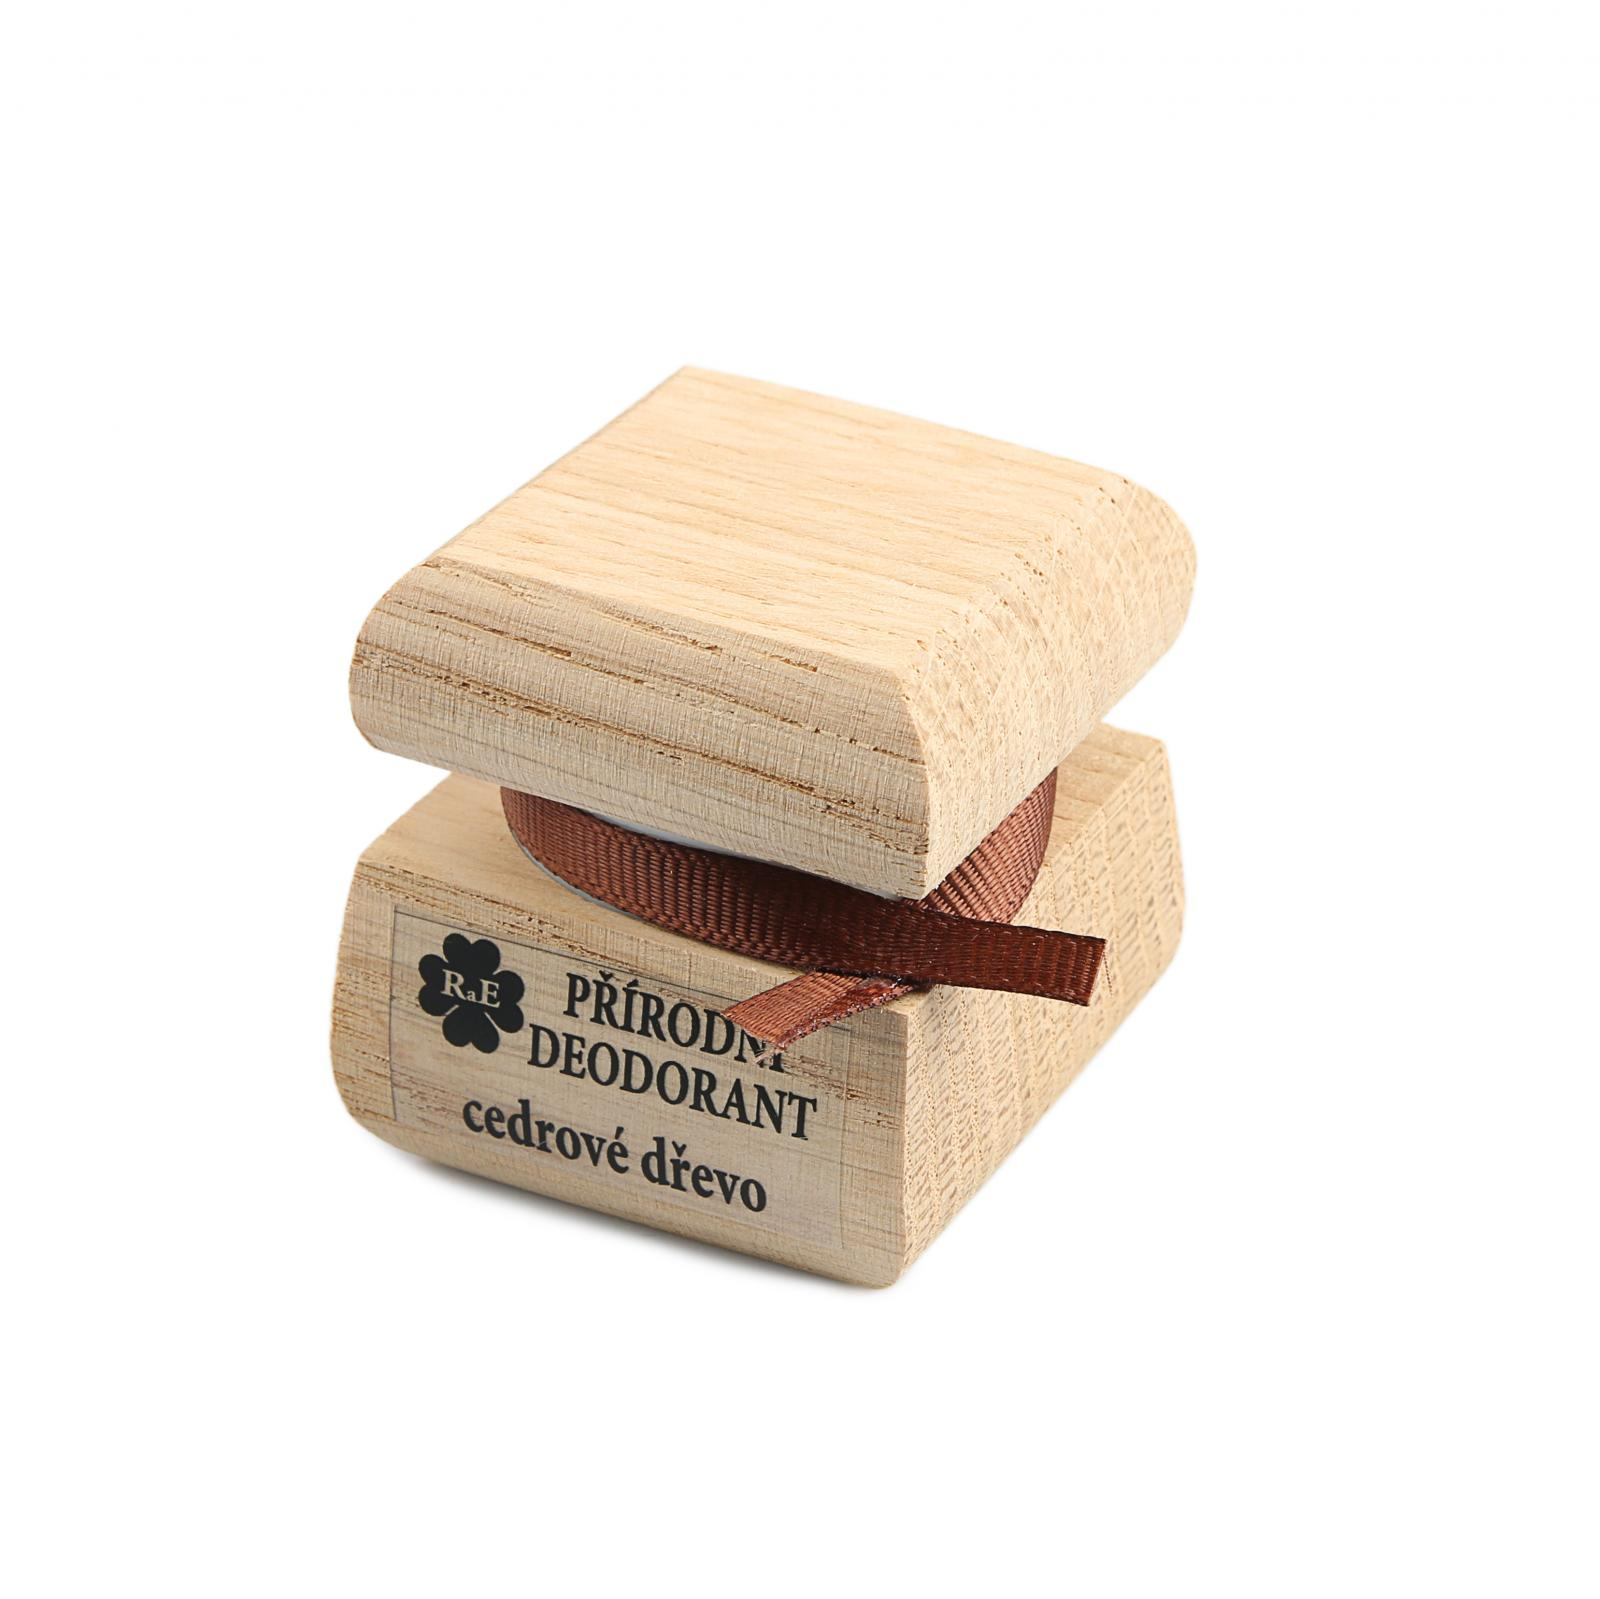 RaE Přírodní krémový deodorant s vůní cedrového dřeva 15 ml dřevěný obal